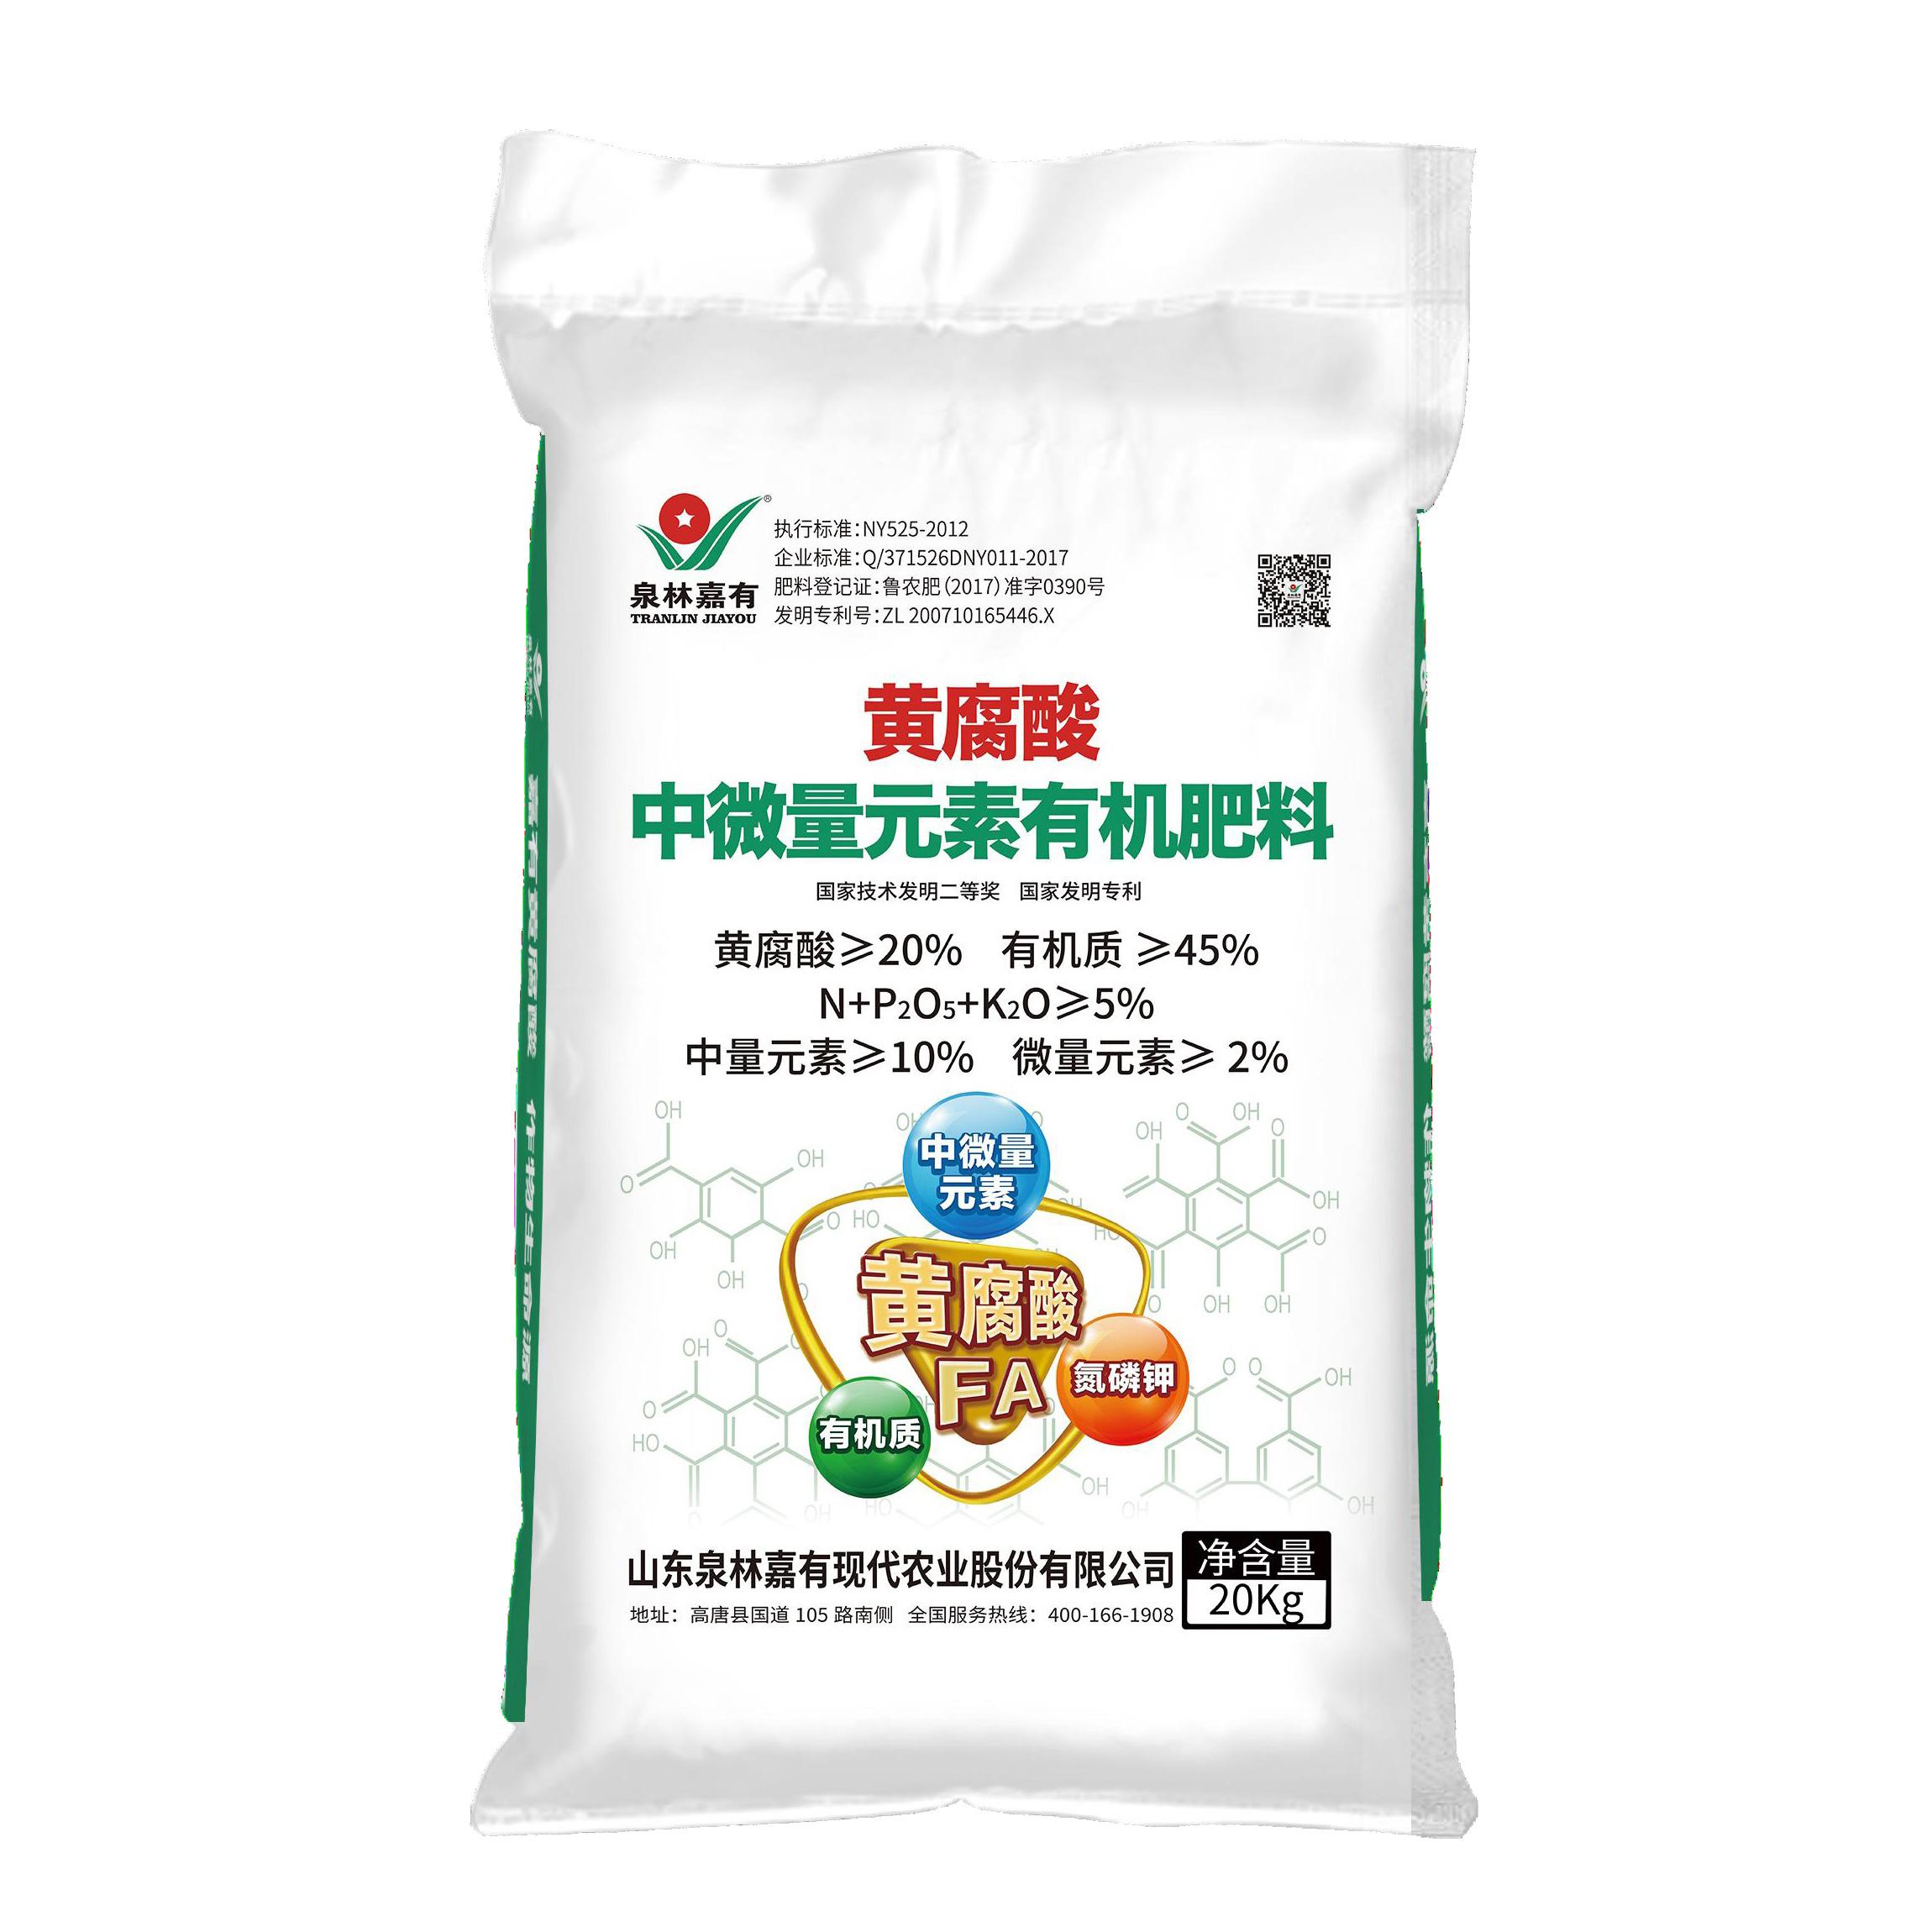 黄腐酸中微量元素有机肥料 泉林嘉有出品